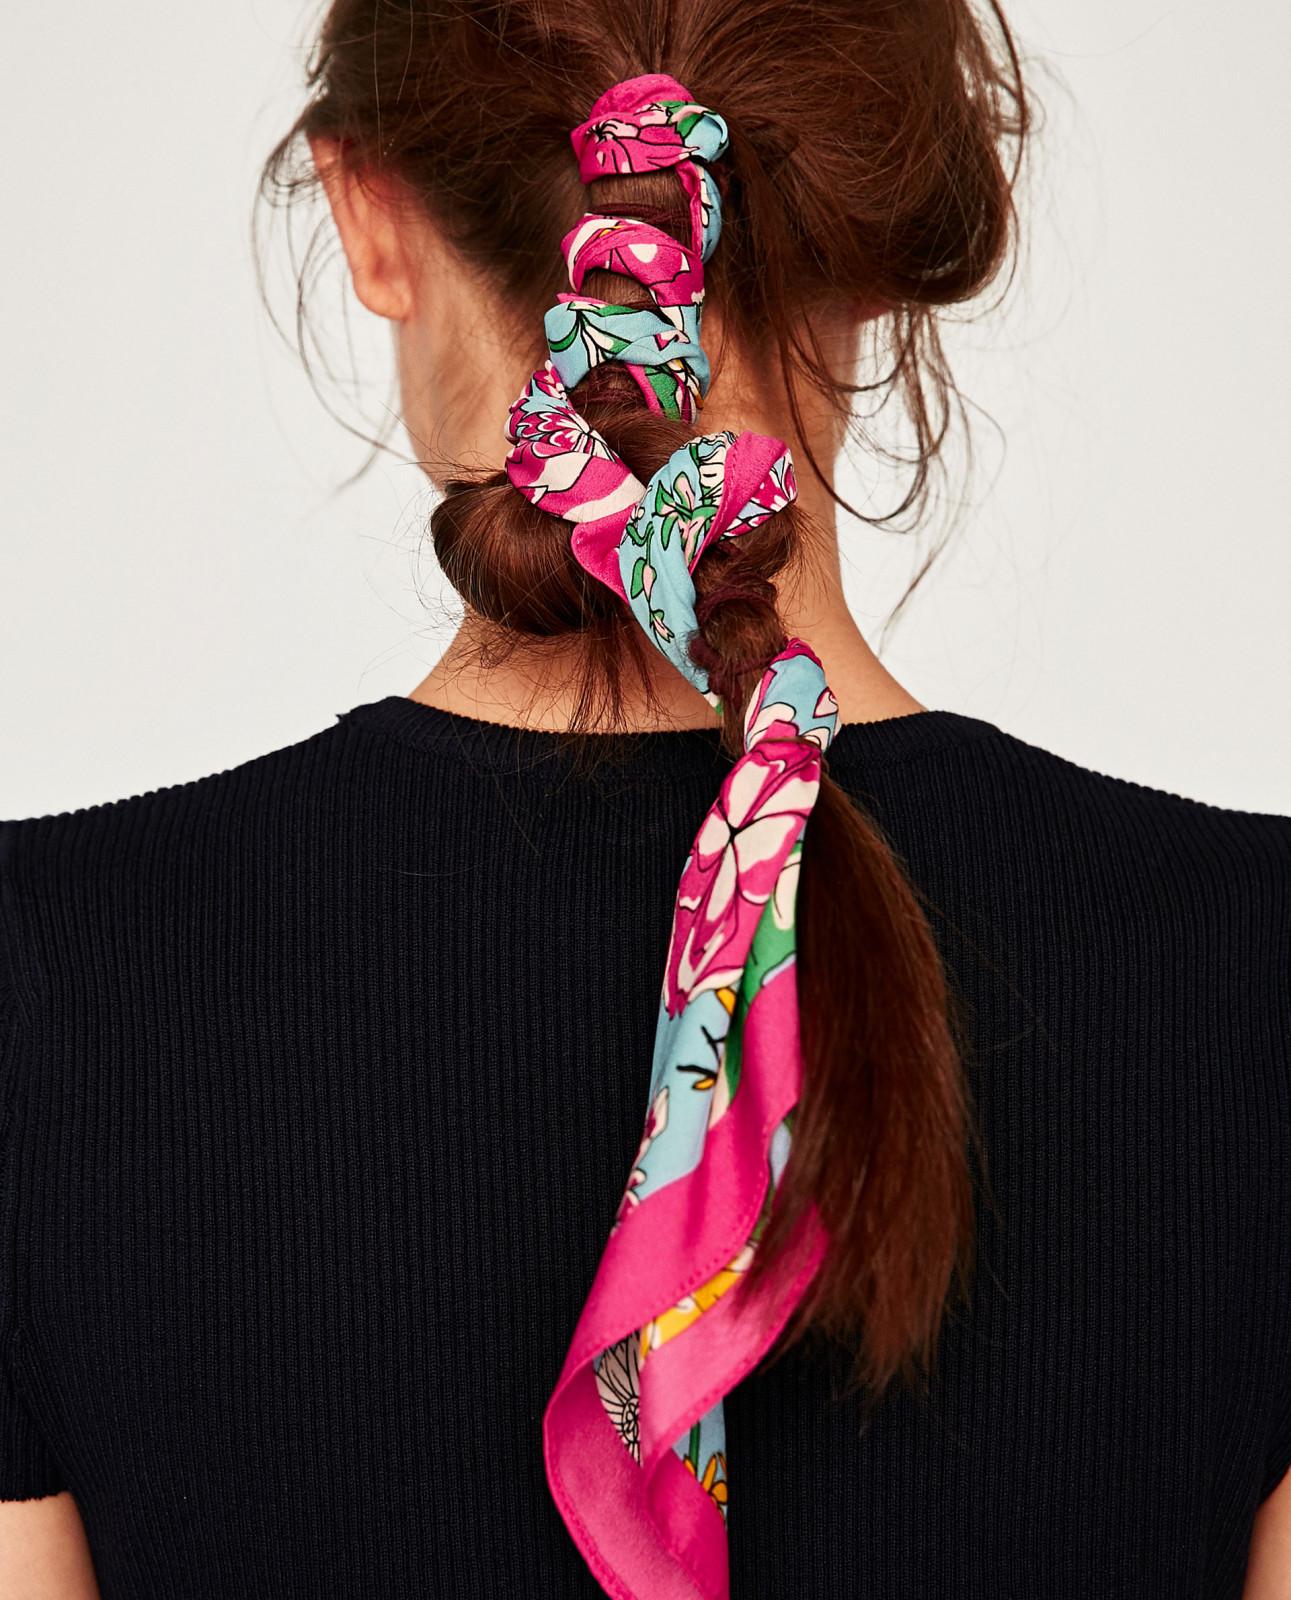 Addio elastico: le alternative per legarsi i capelli